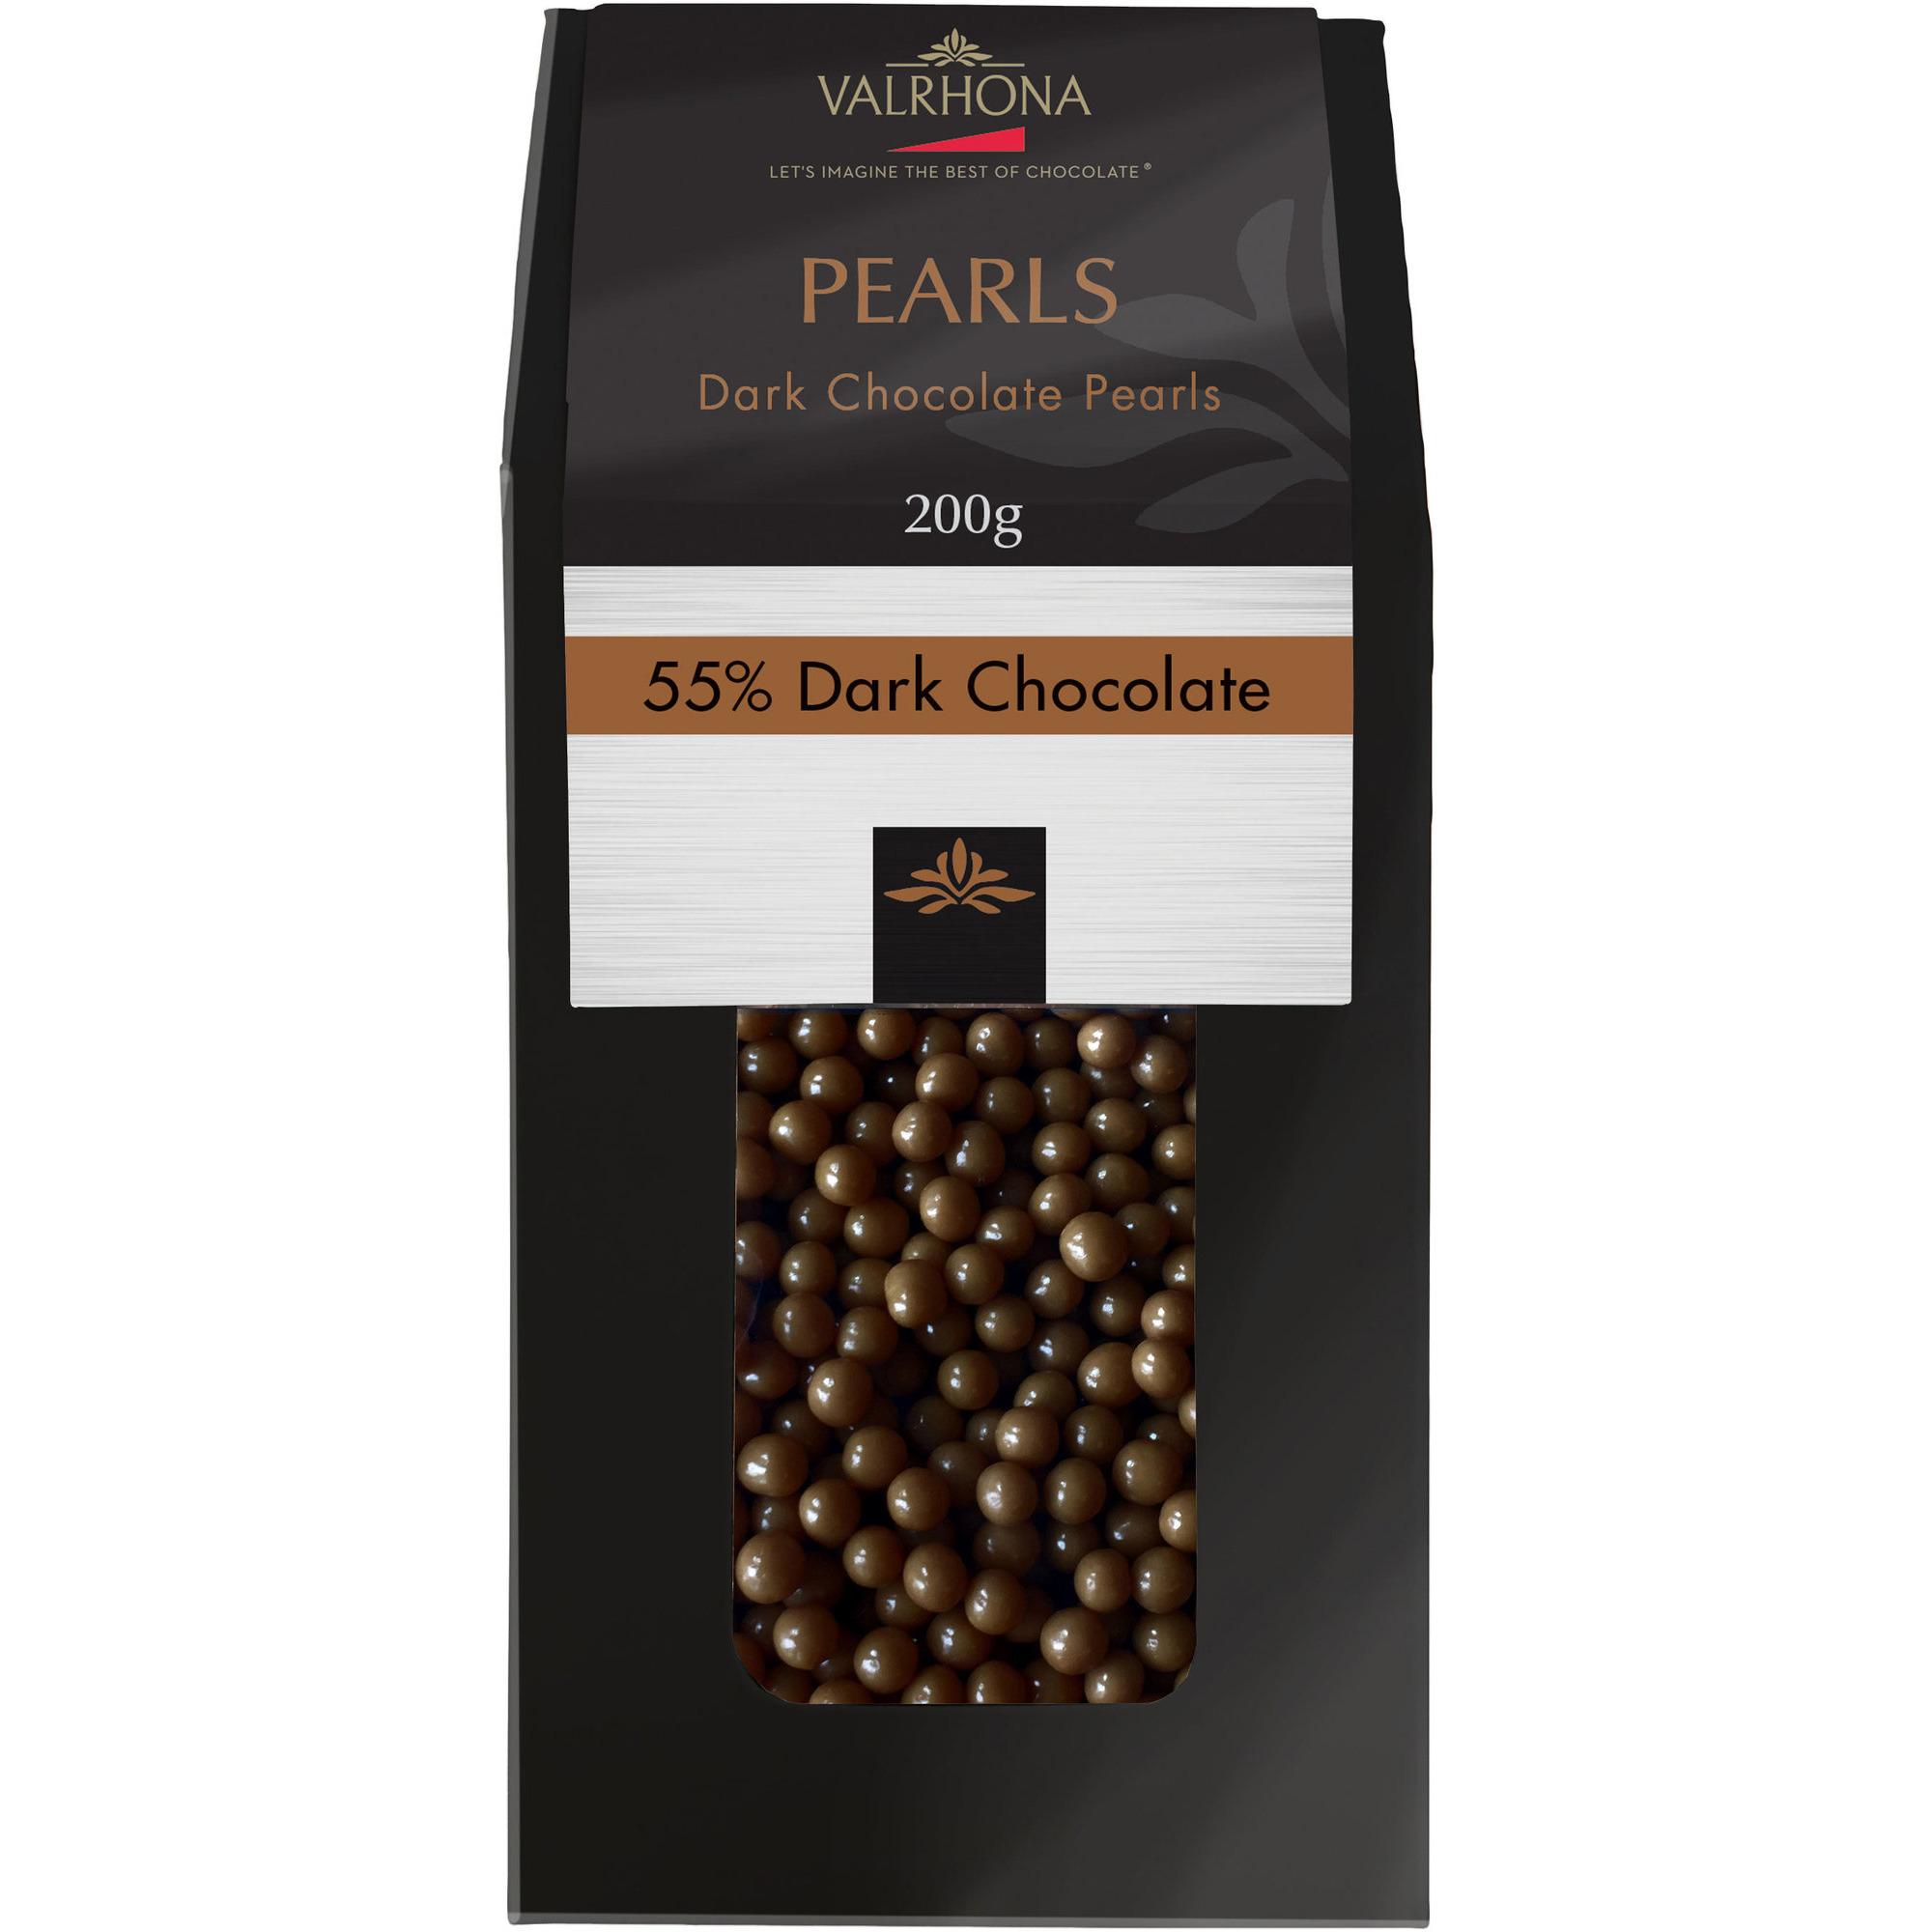 Valrhona Dark Chocolate Pearls